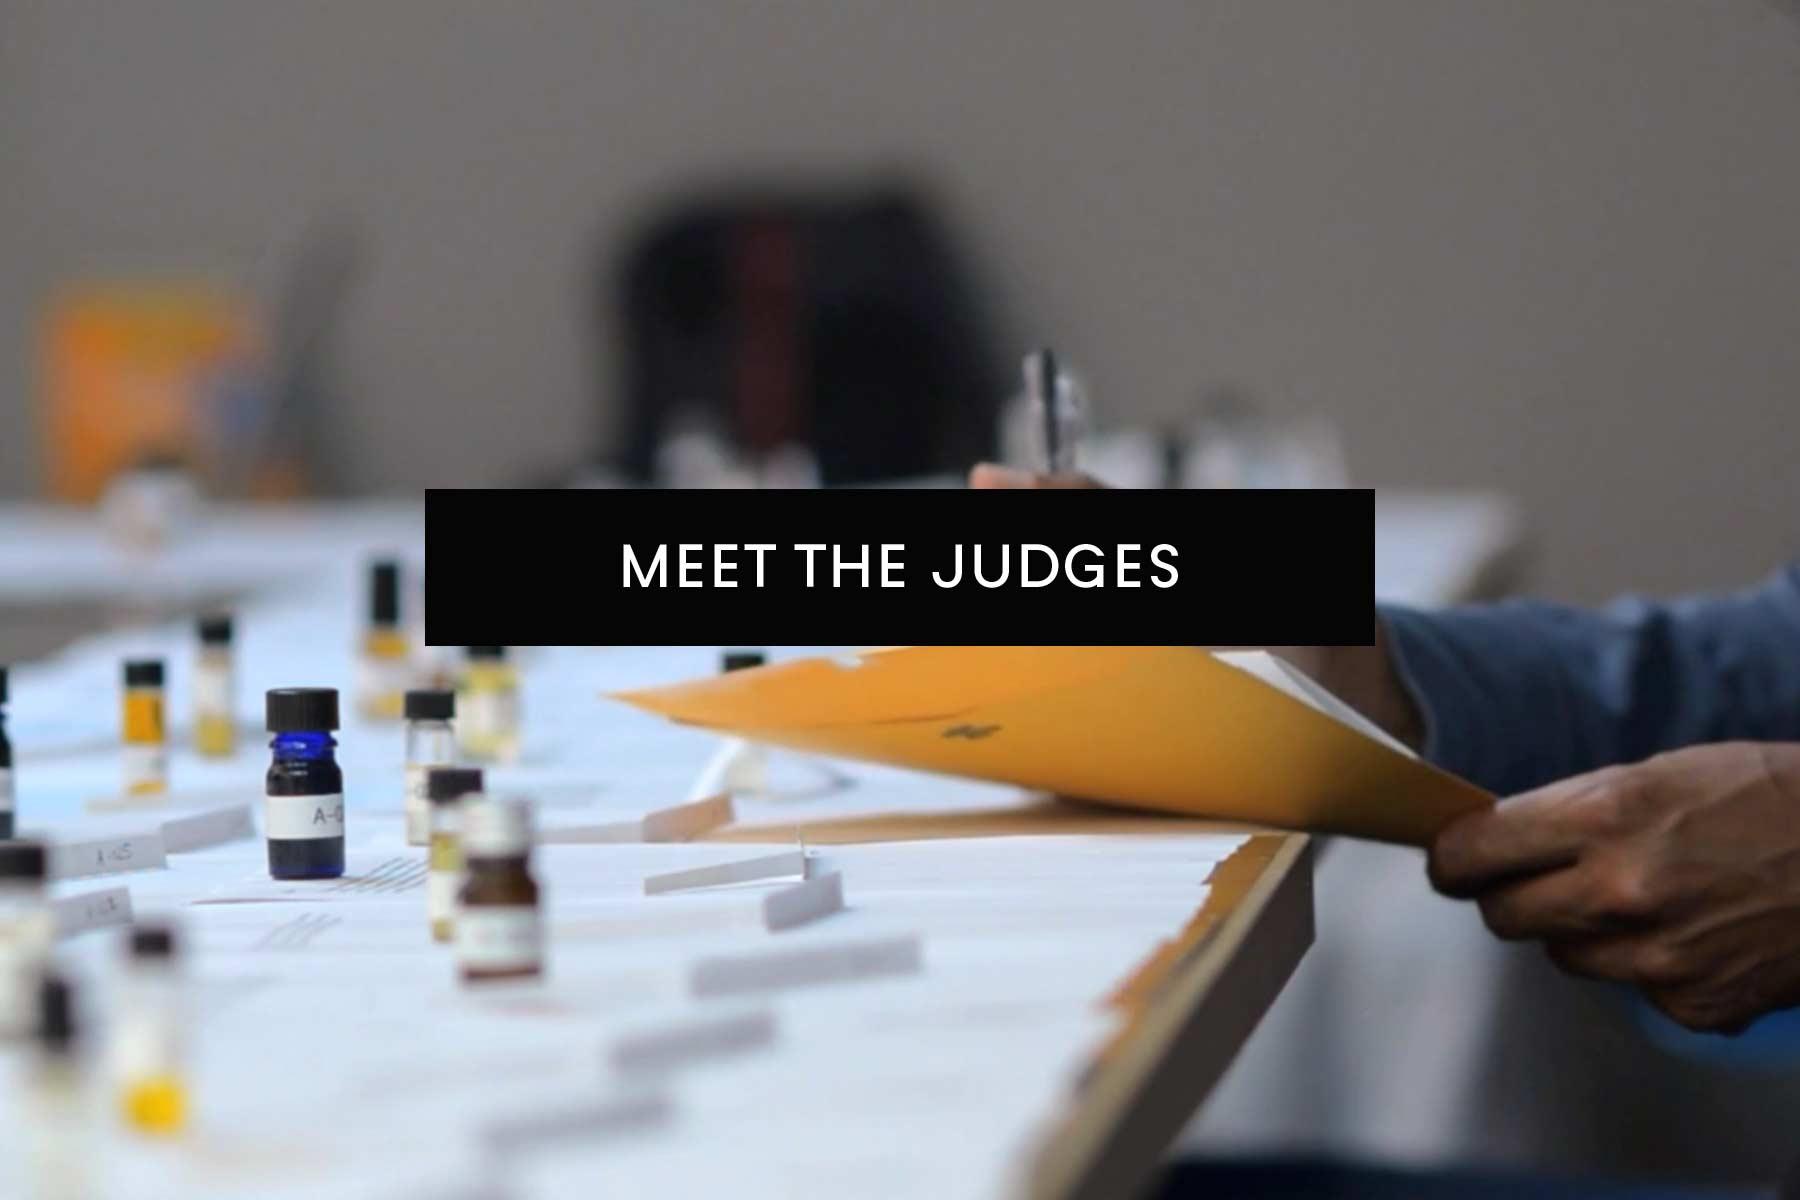 MeetJudges3